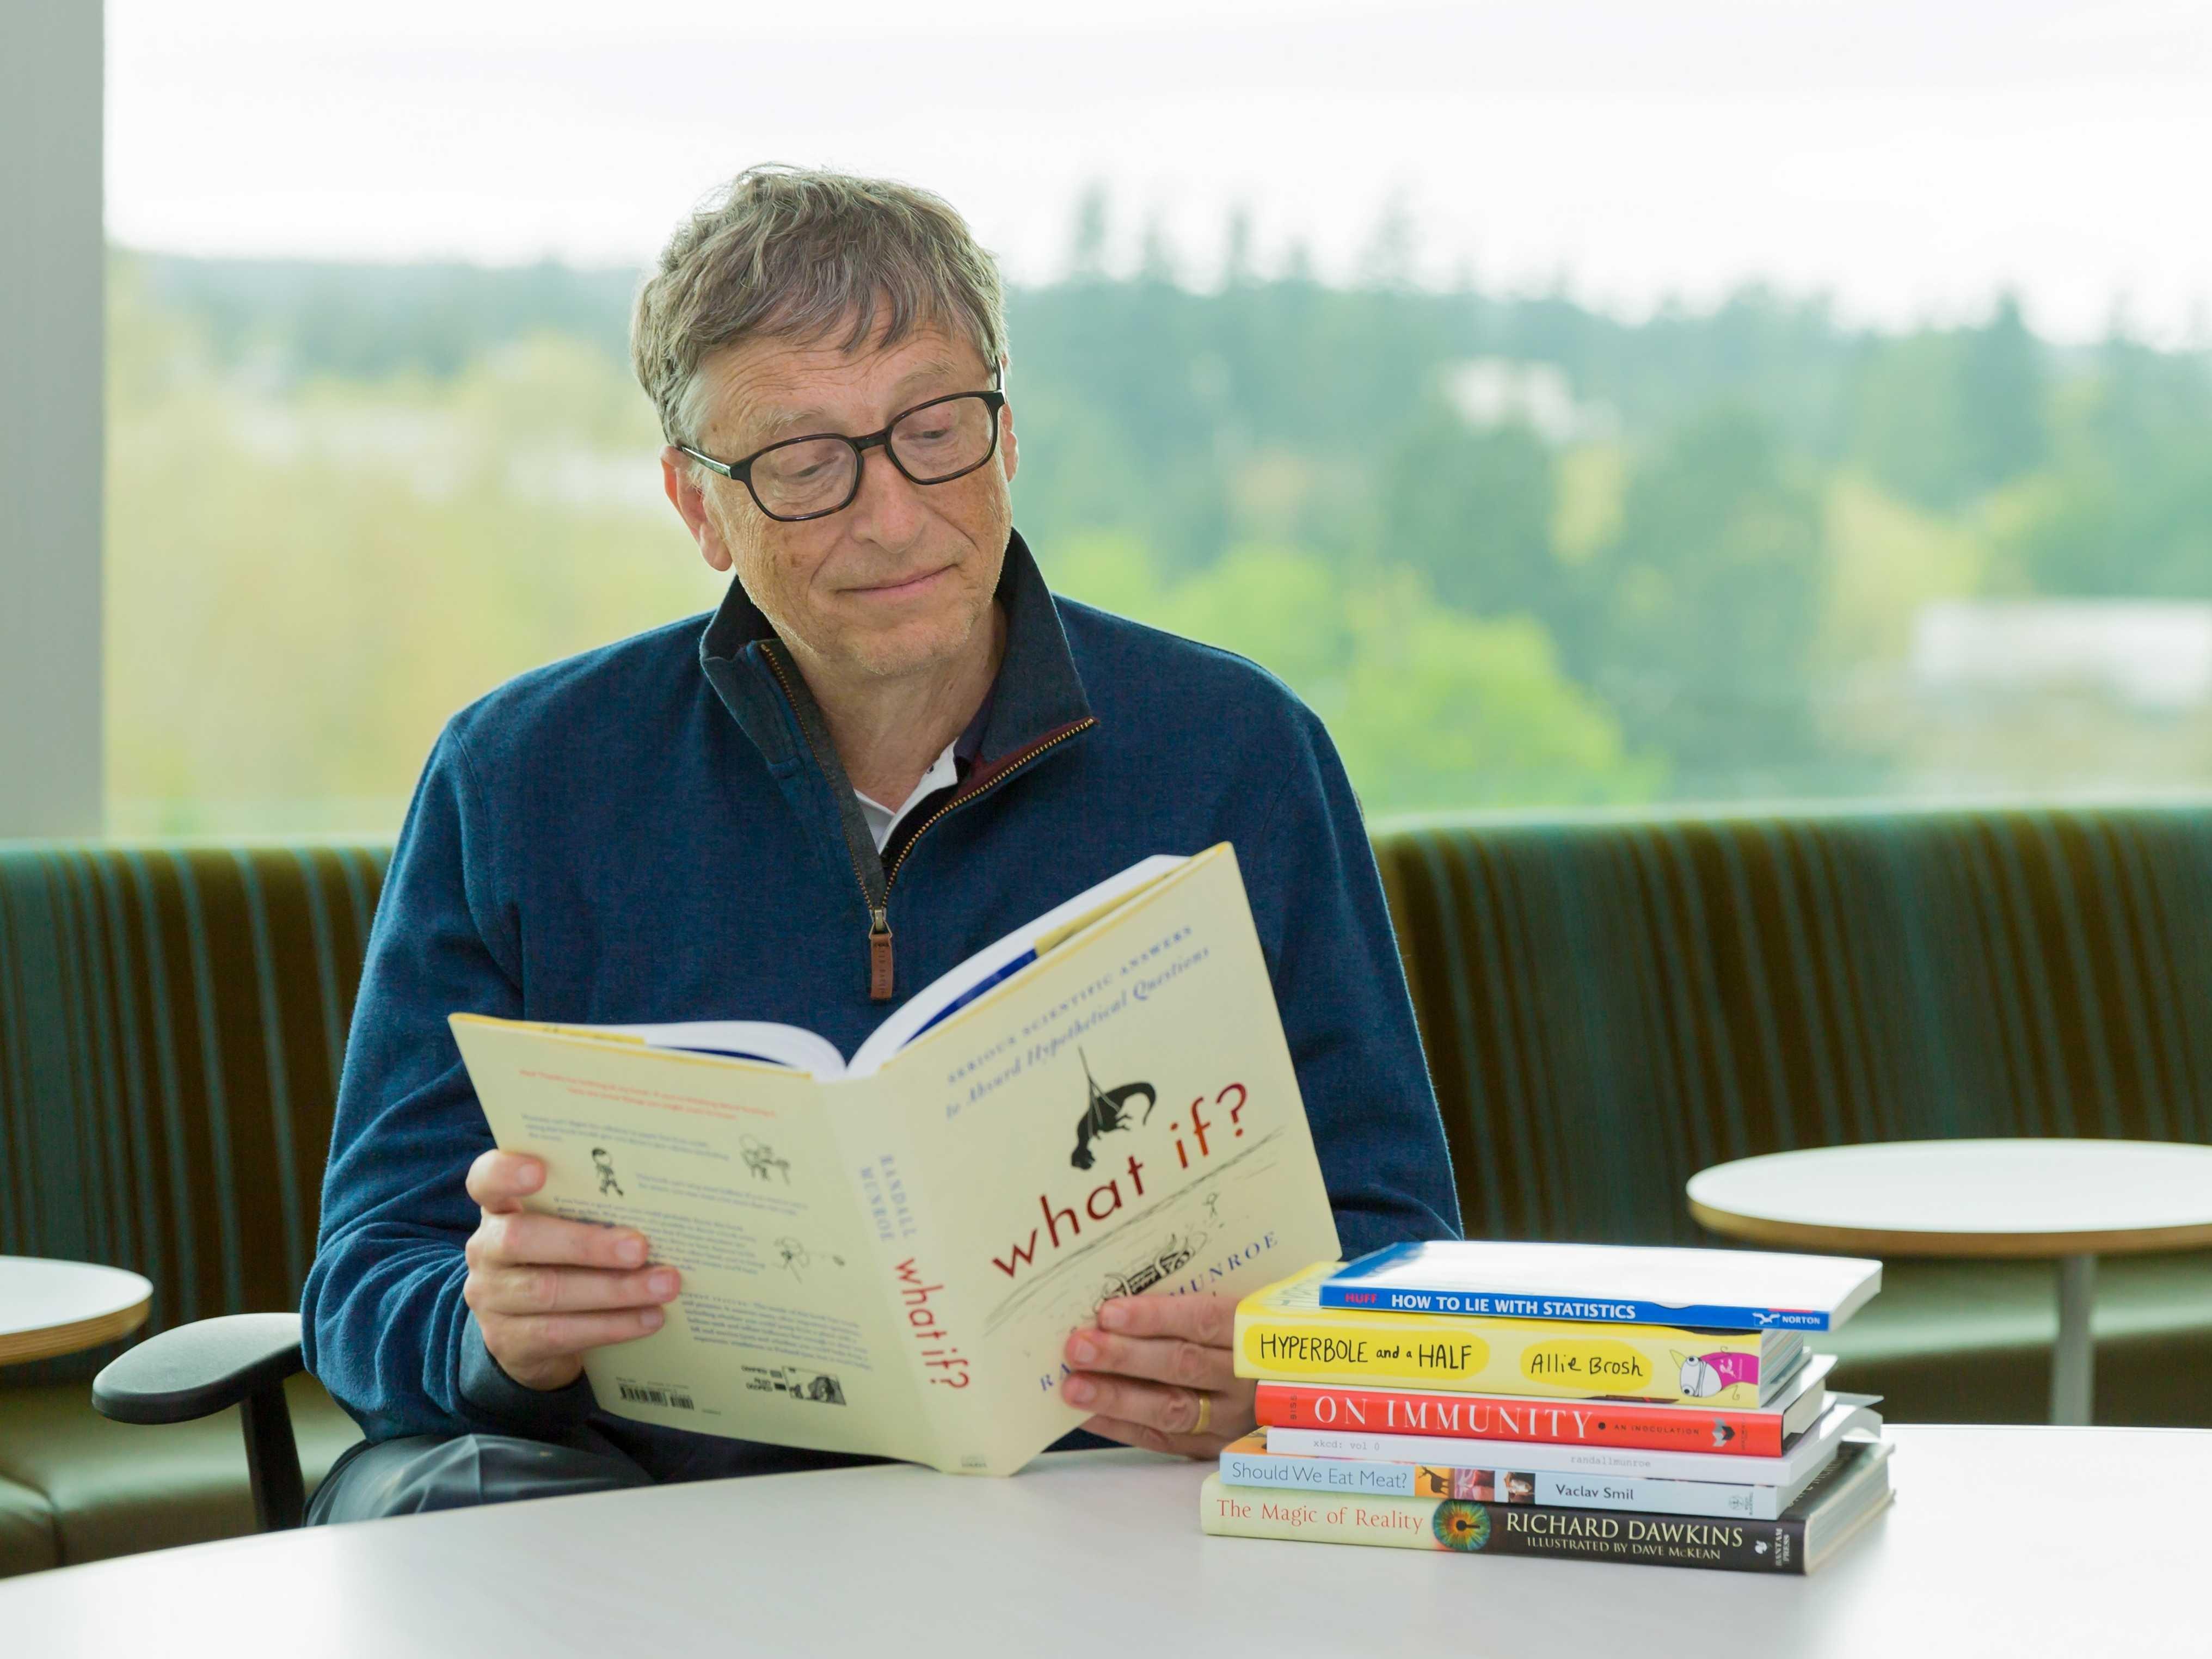 2017福布斯全球富豪榜公布:比尔·盖茨蝉联首富 - 软文发稿 - 软文发稿